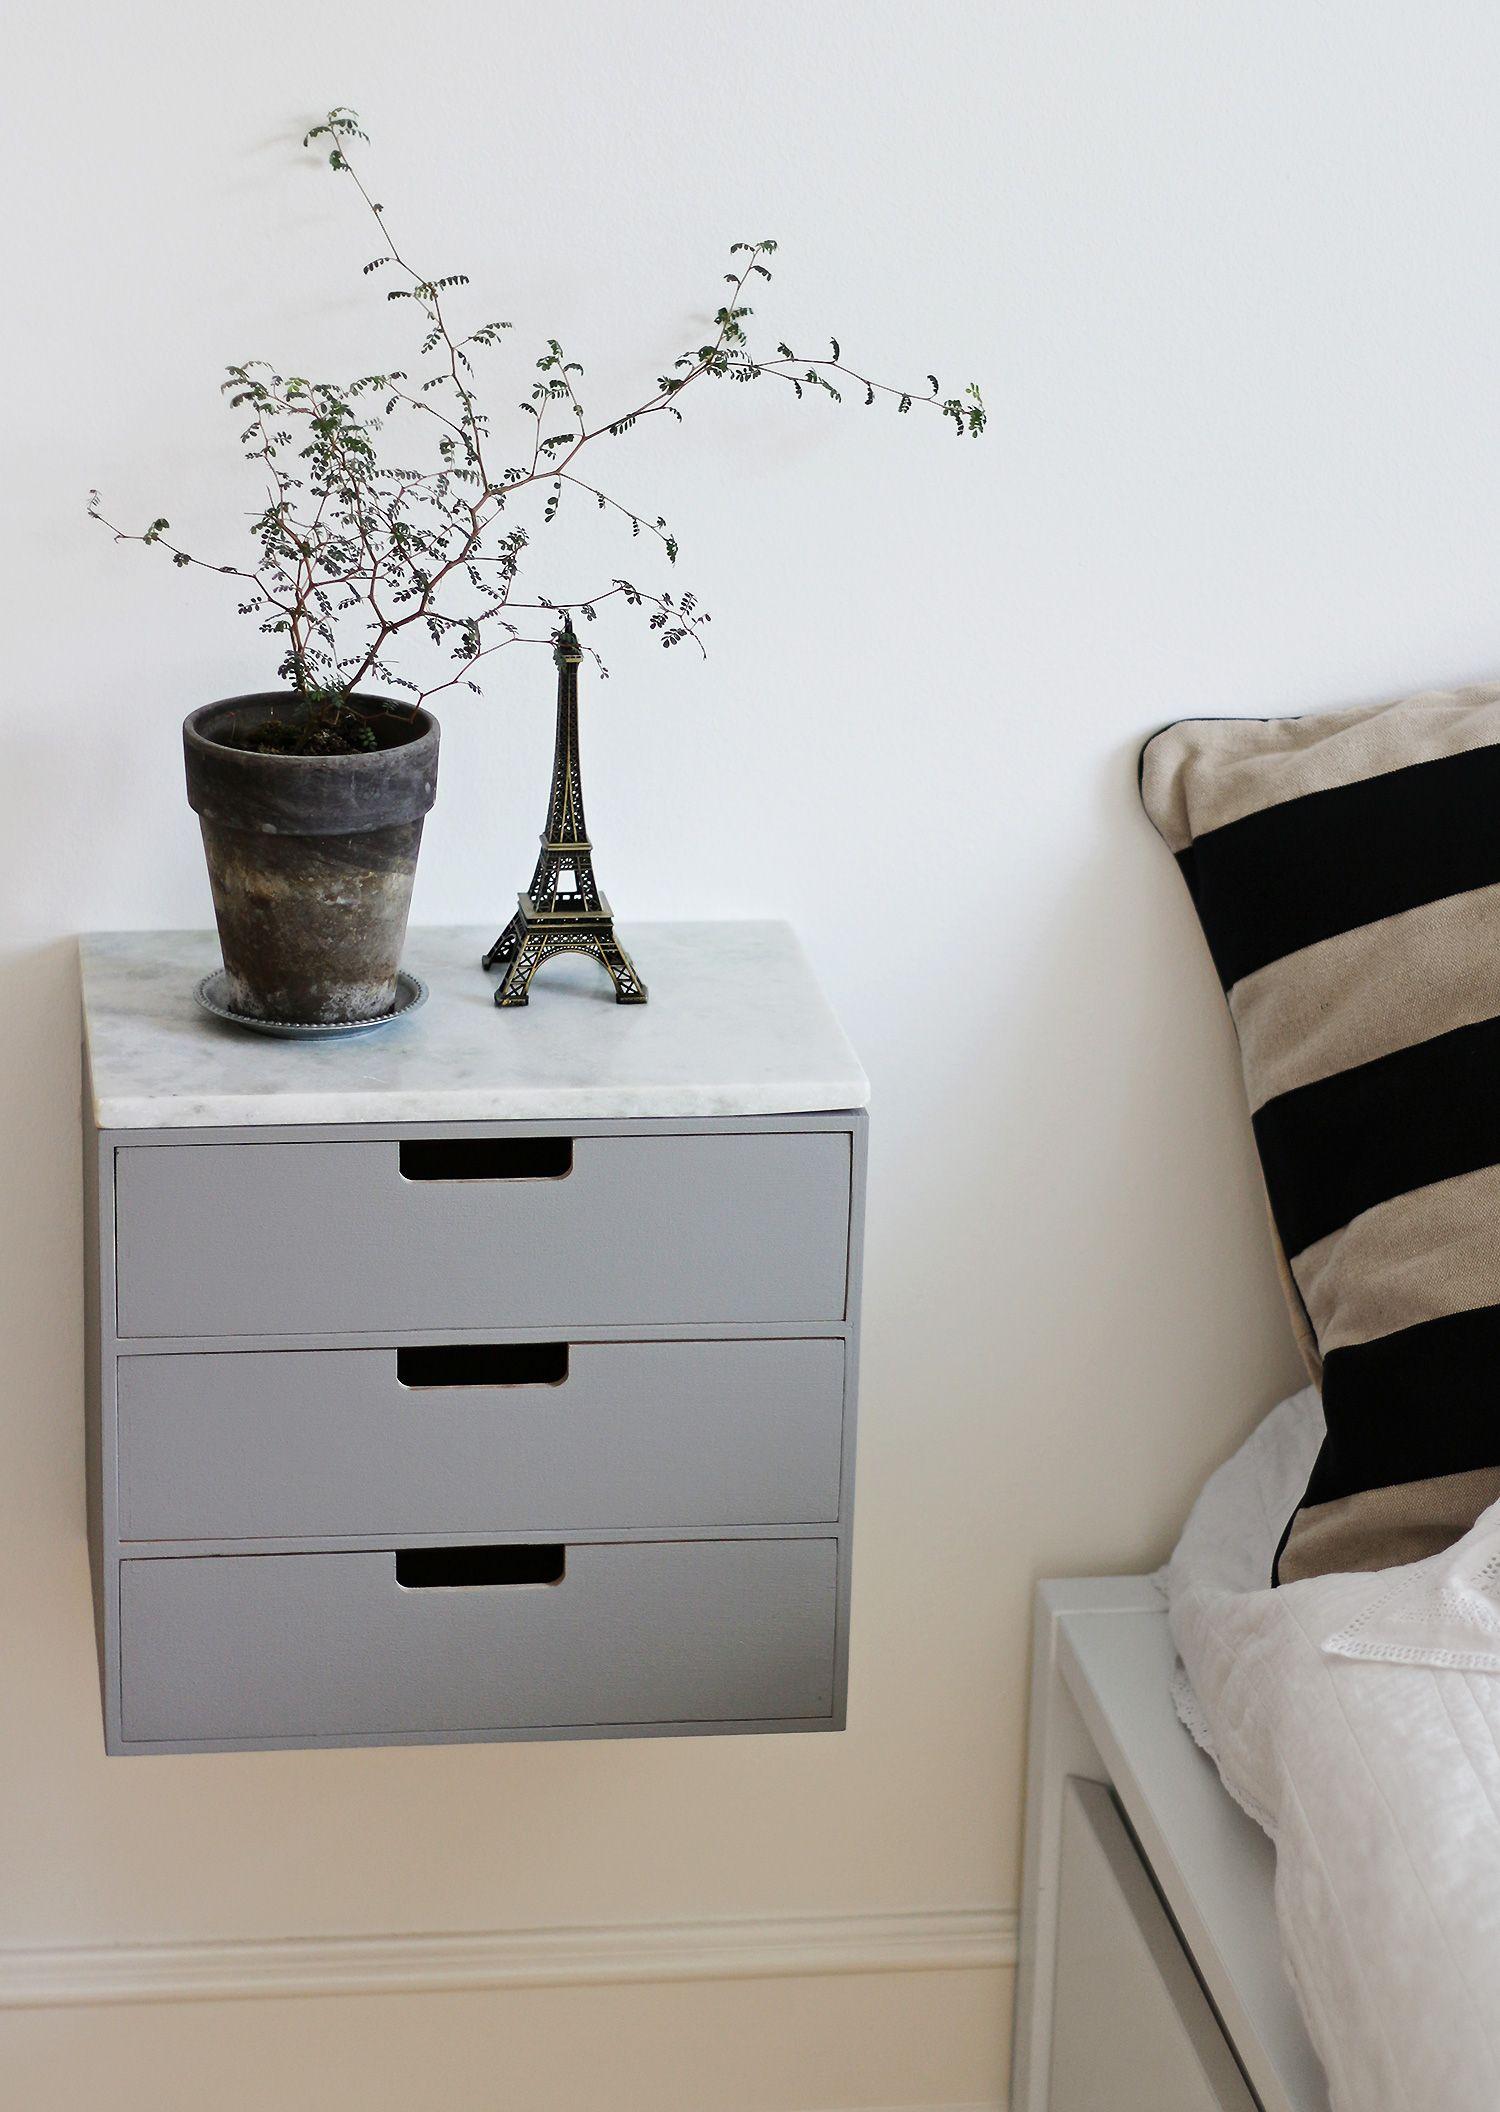 væghængt natbord natbord sengebord sidebord væghængt@2x | Indretning | Pinterest  væghængt natbord